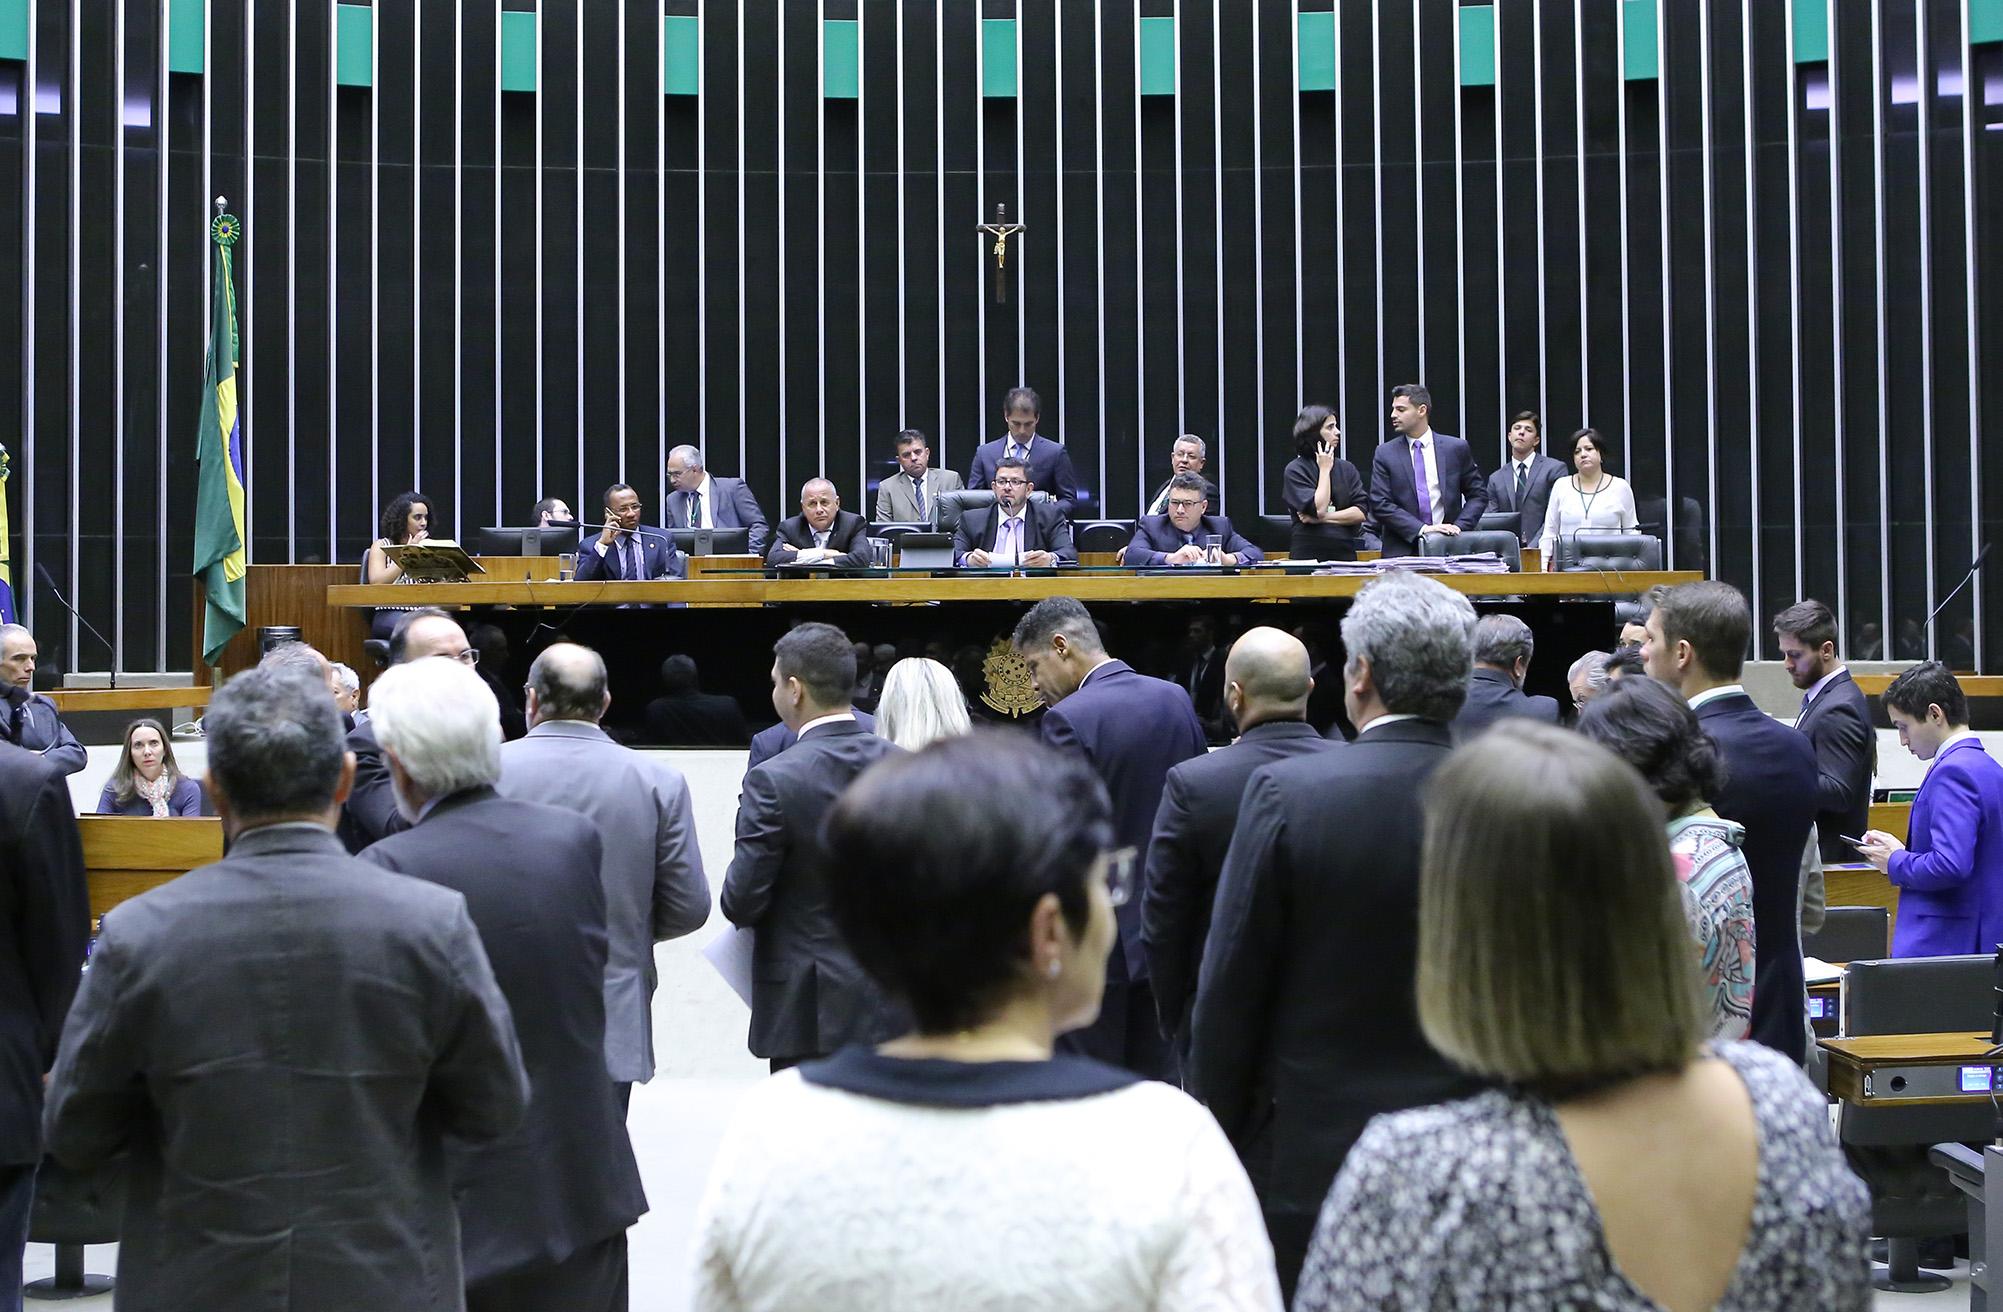 Câmara aprova registro obrigatório em prontuário médico de indícios de violência contra a mulher